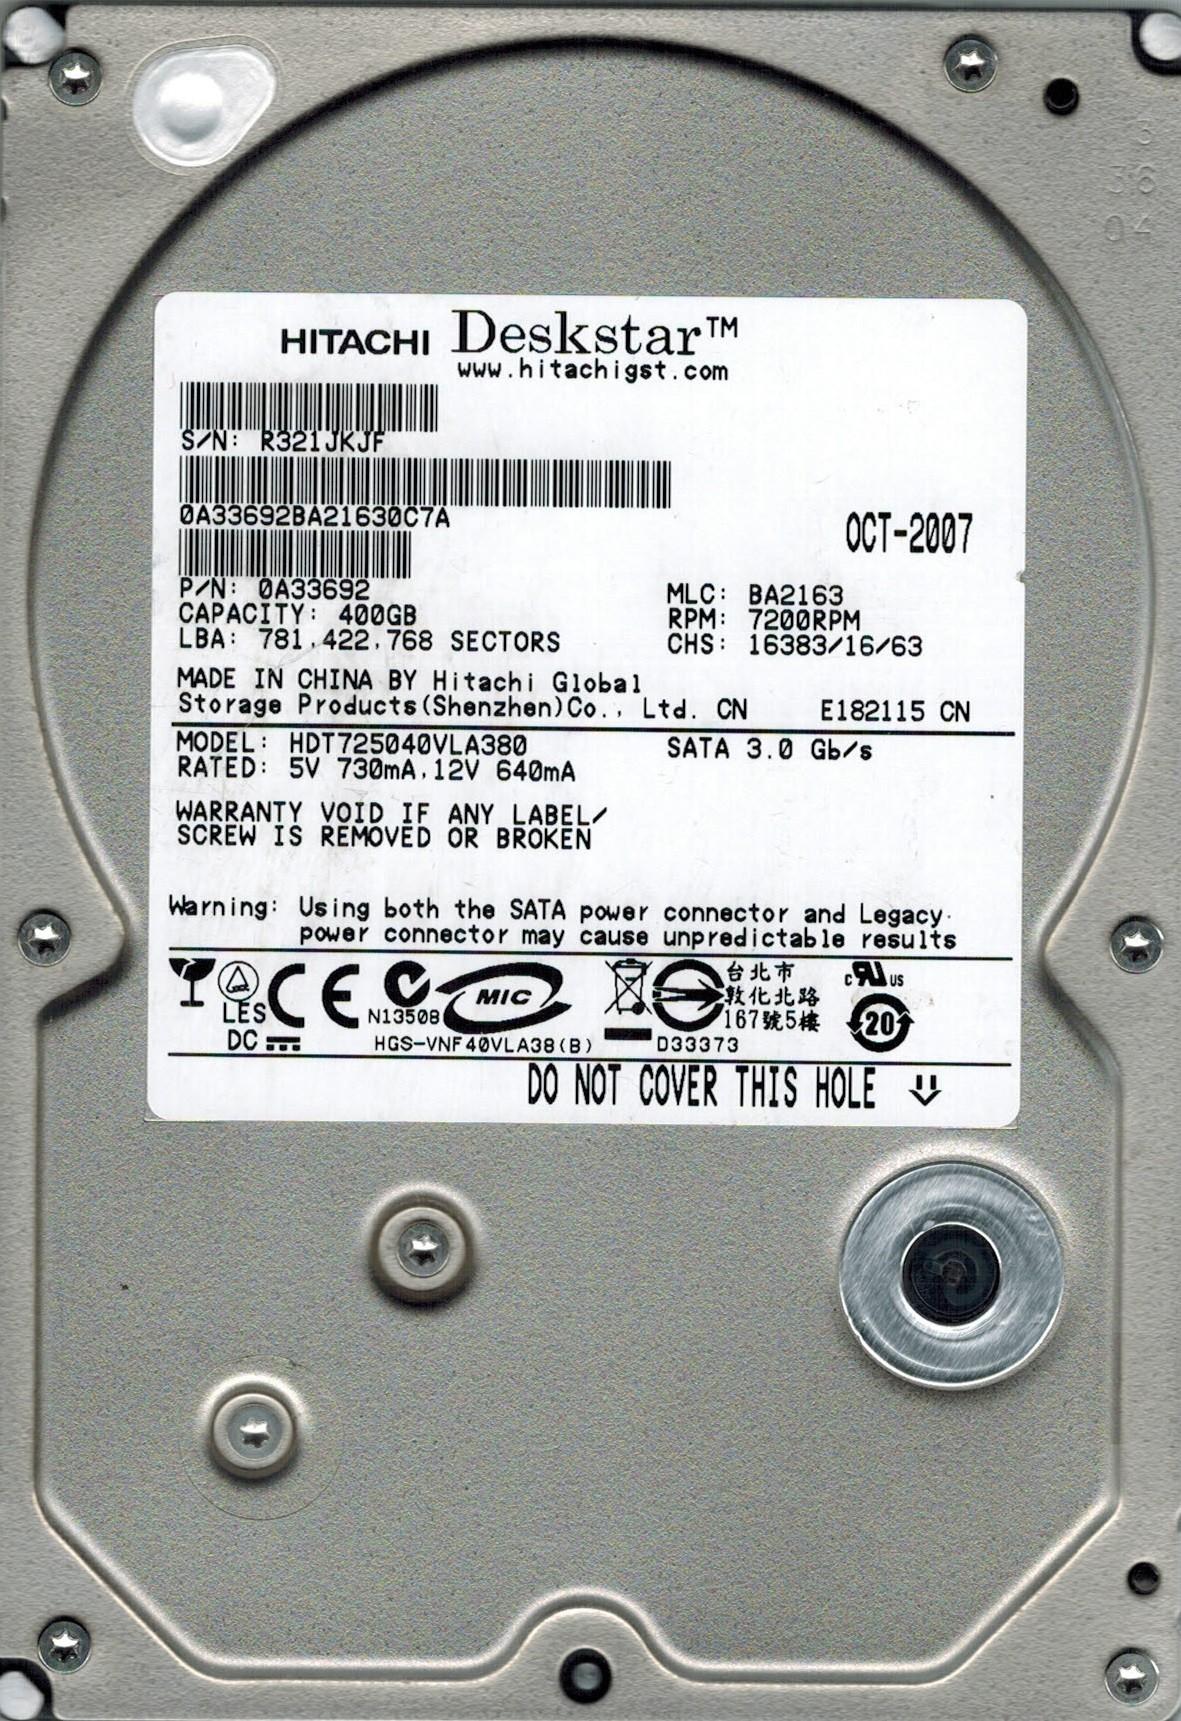 Hitachi HDT725040VLA380 P/N: 0A33692 MLC: BA2163 400GB SATA